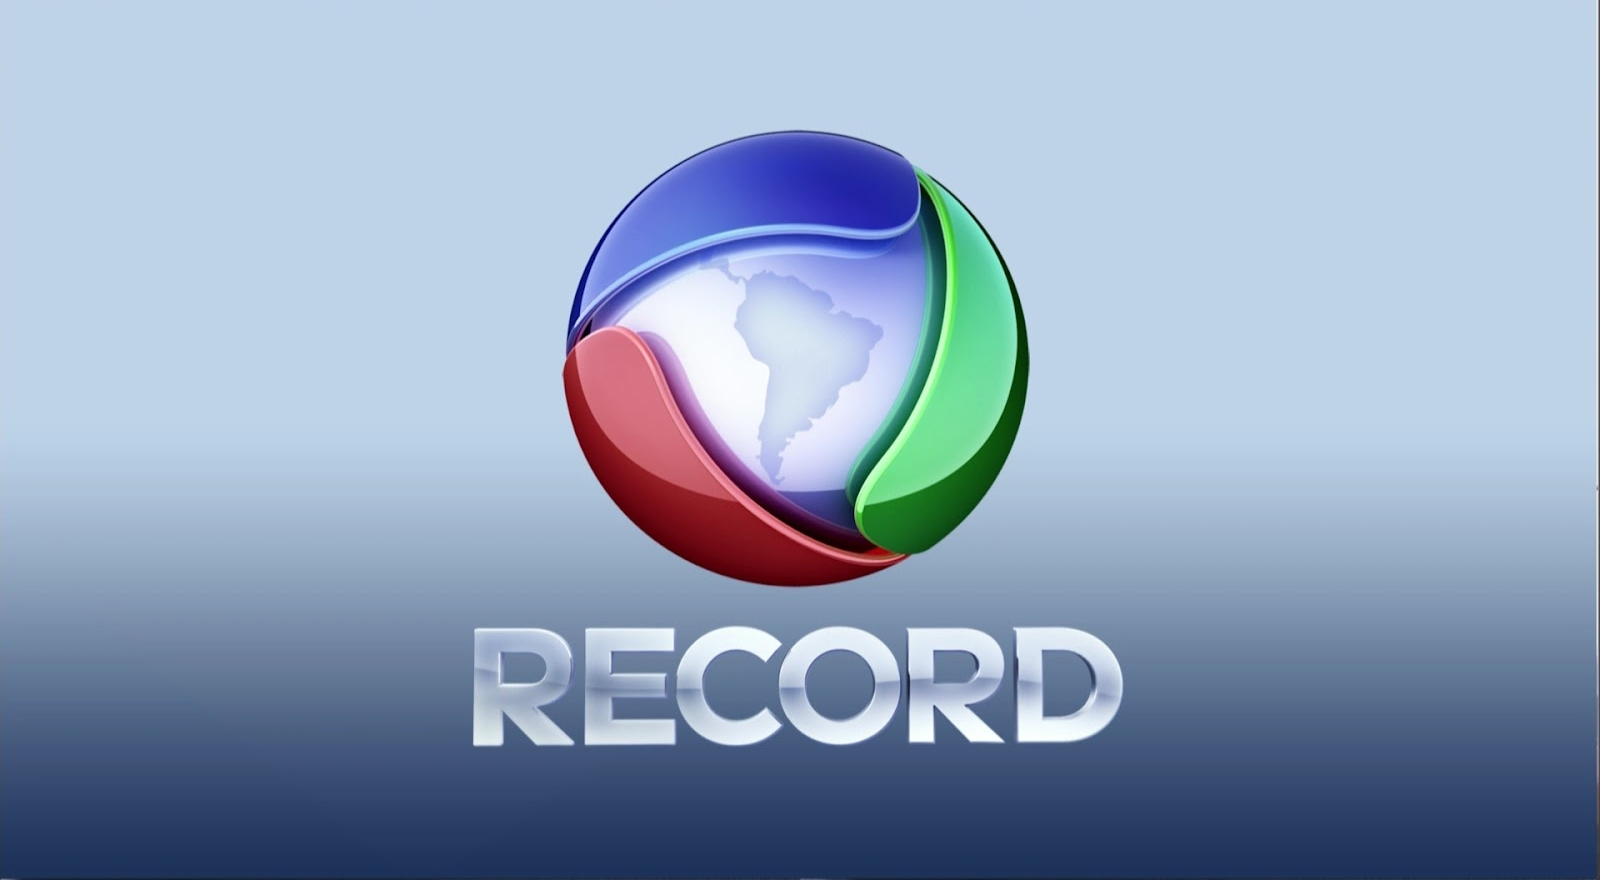 mundonovelaslogo-record-novo1.jpg